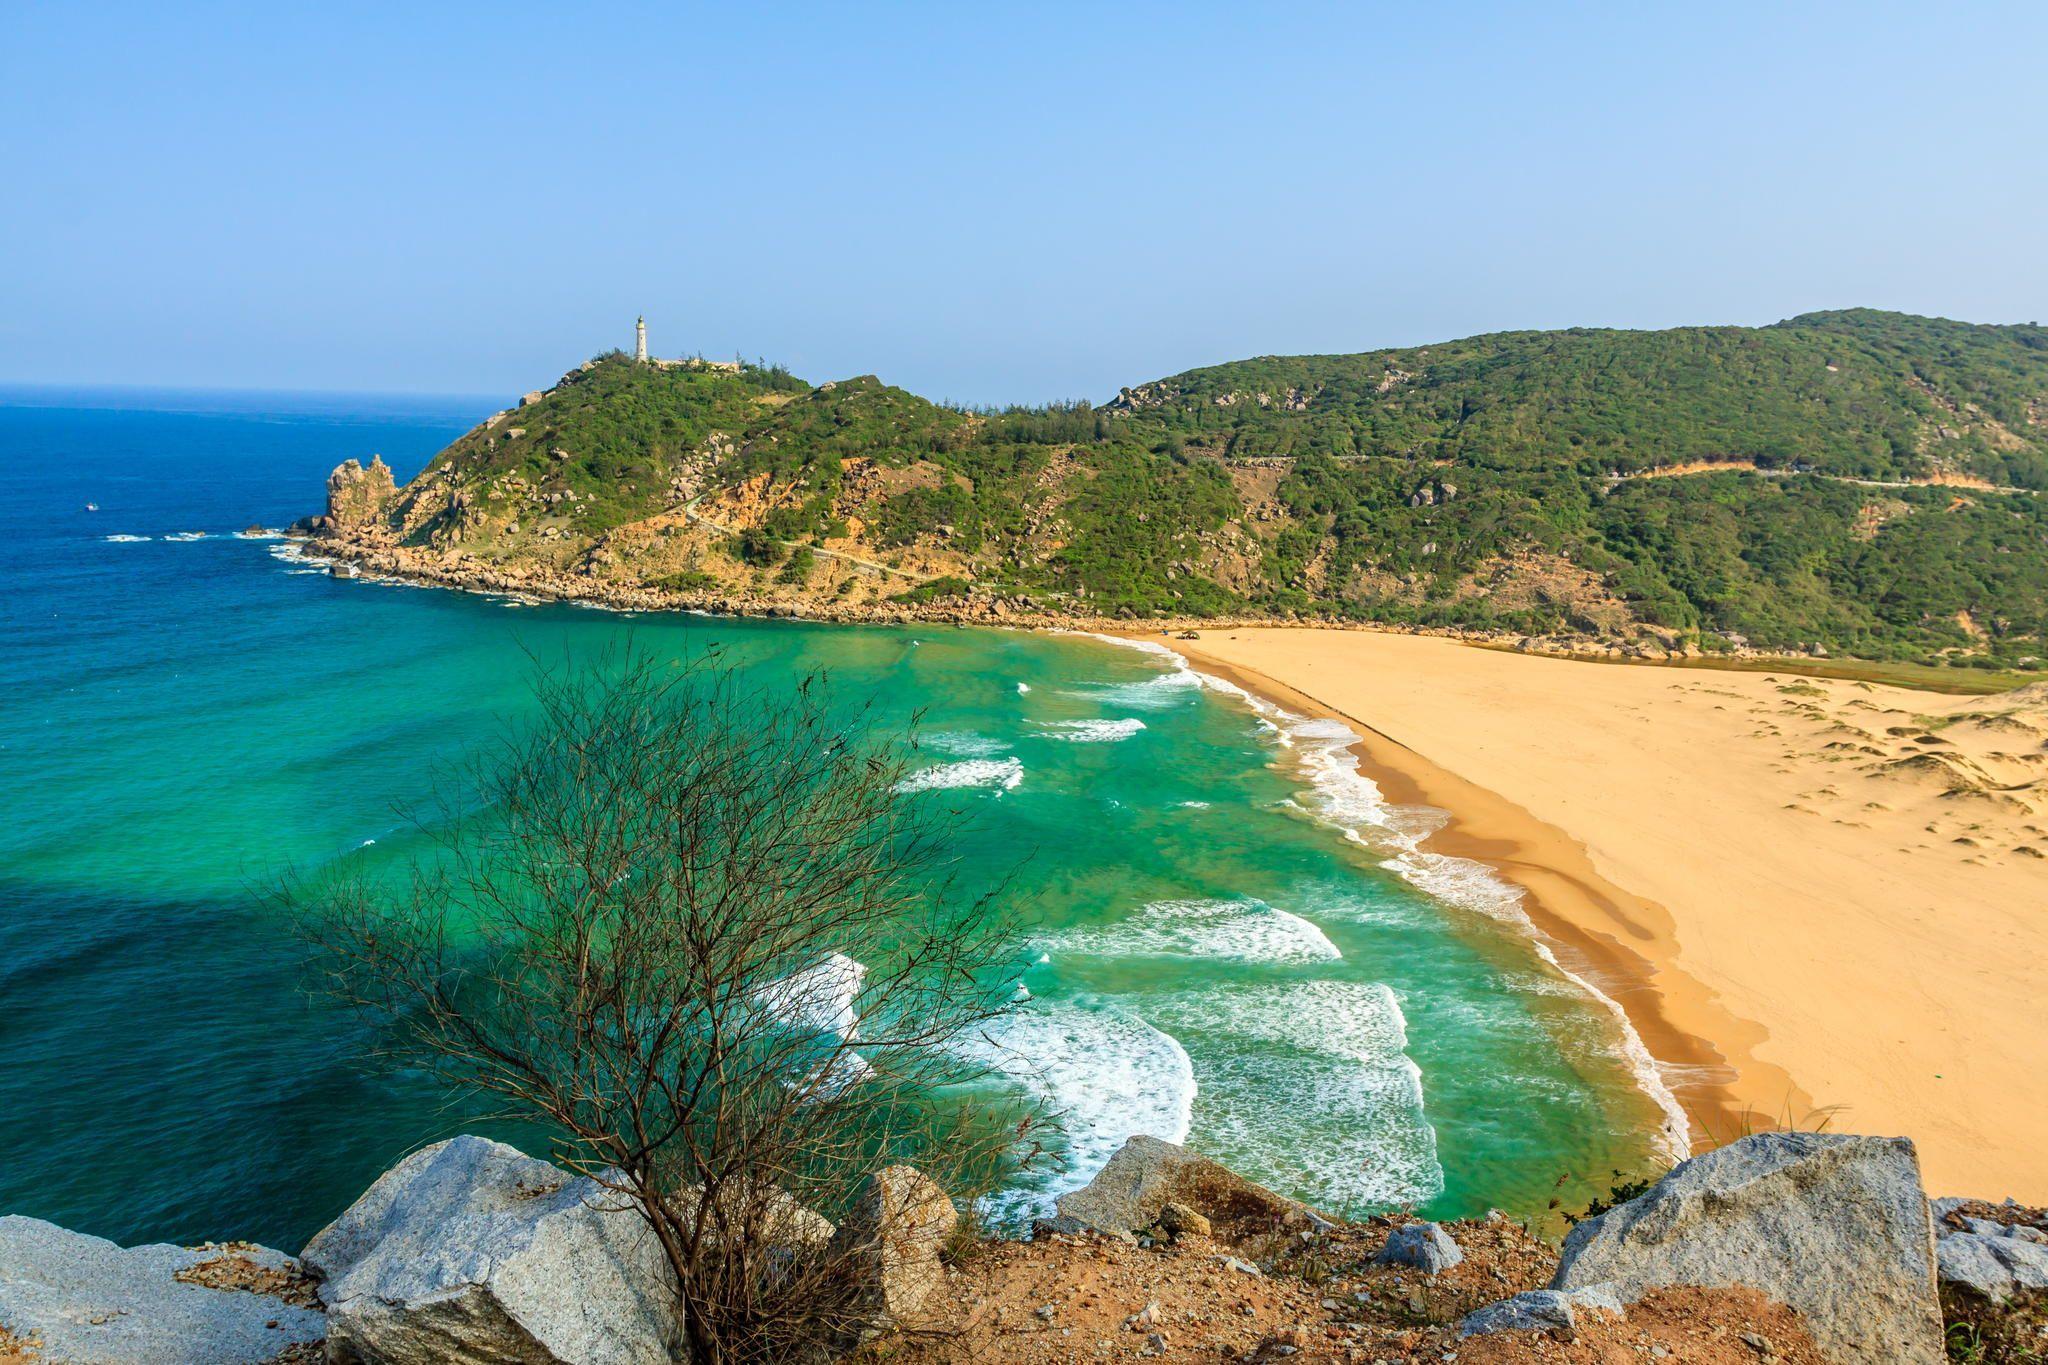 Biển Vân Phong khá êm, trong và lặng gió